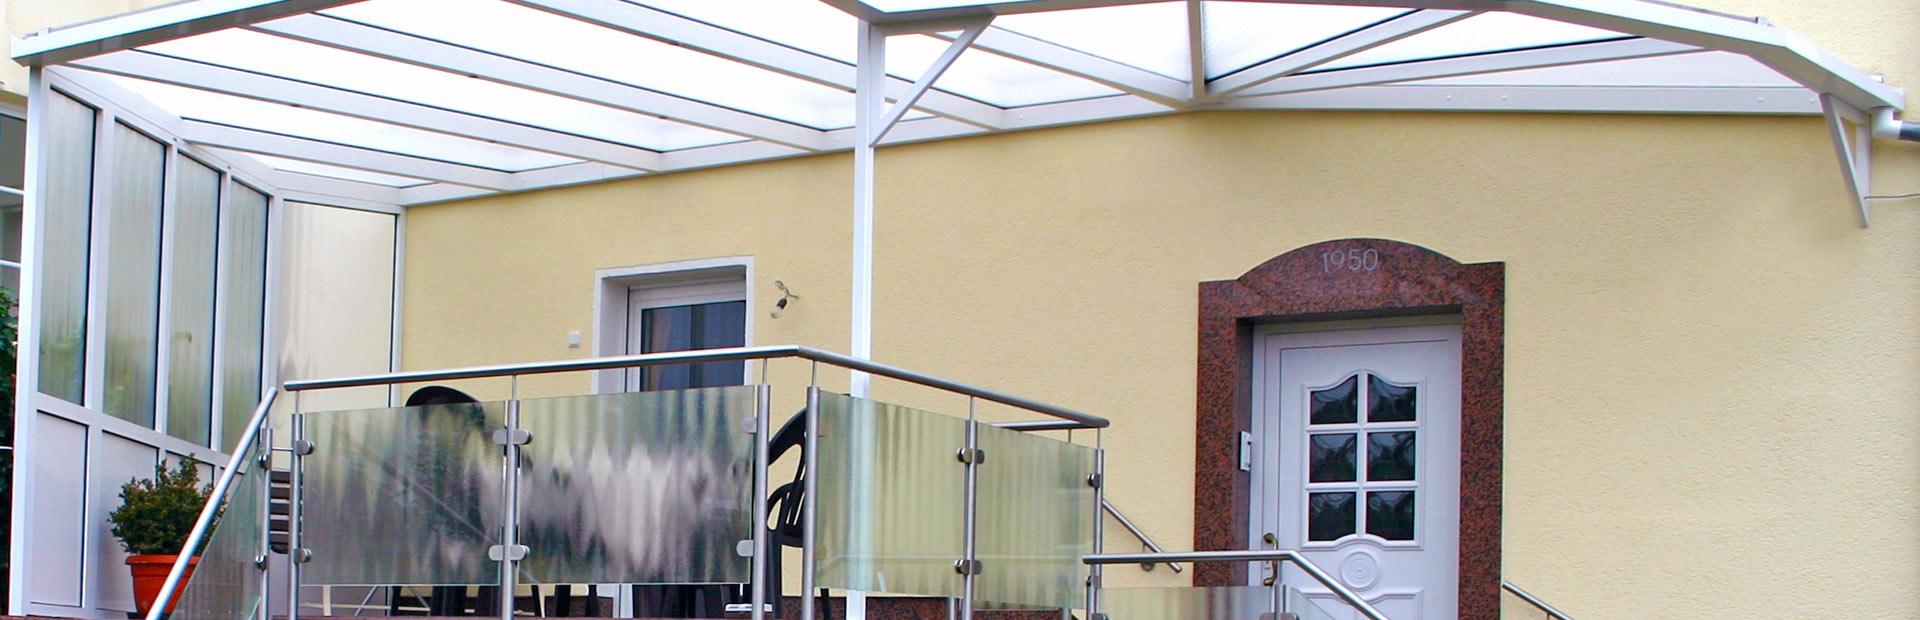 Vordächer, Geländer & Haustüren - Wintergarten Neu GmbH